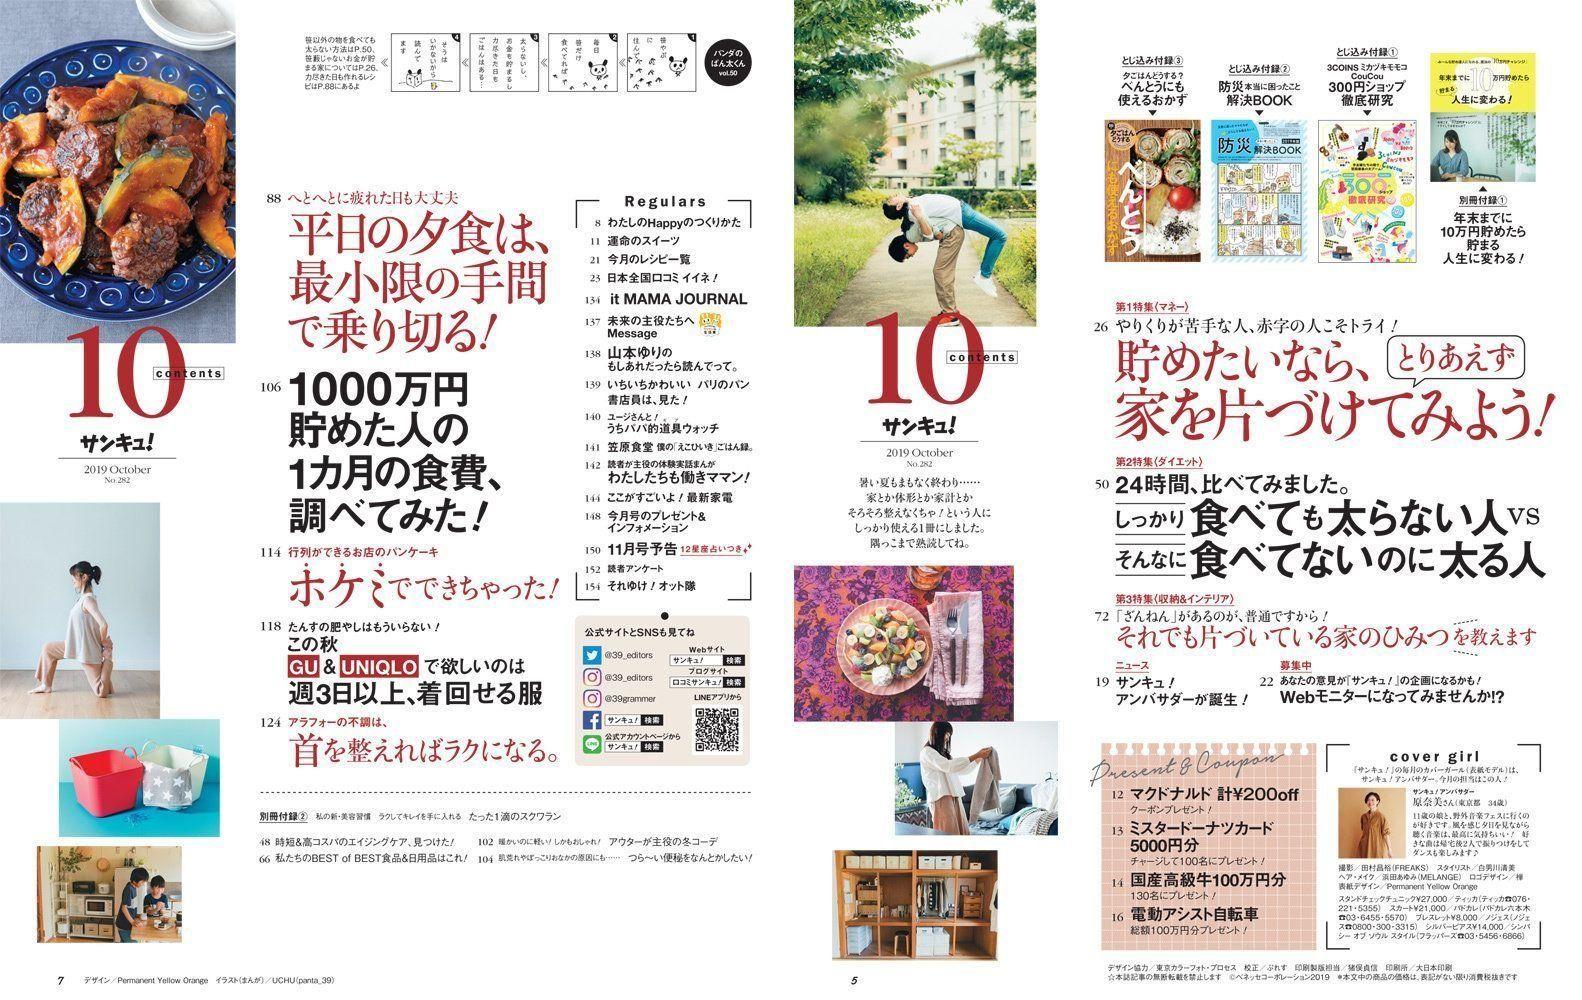 「サンキュ!」ホットライン・ブックサービス係 通話料無料 0120-88-5039